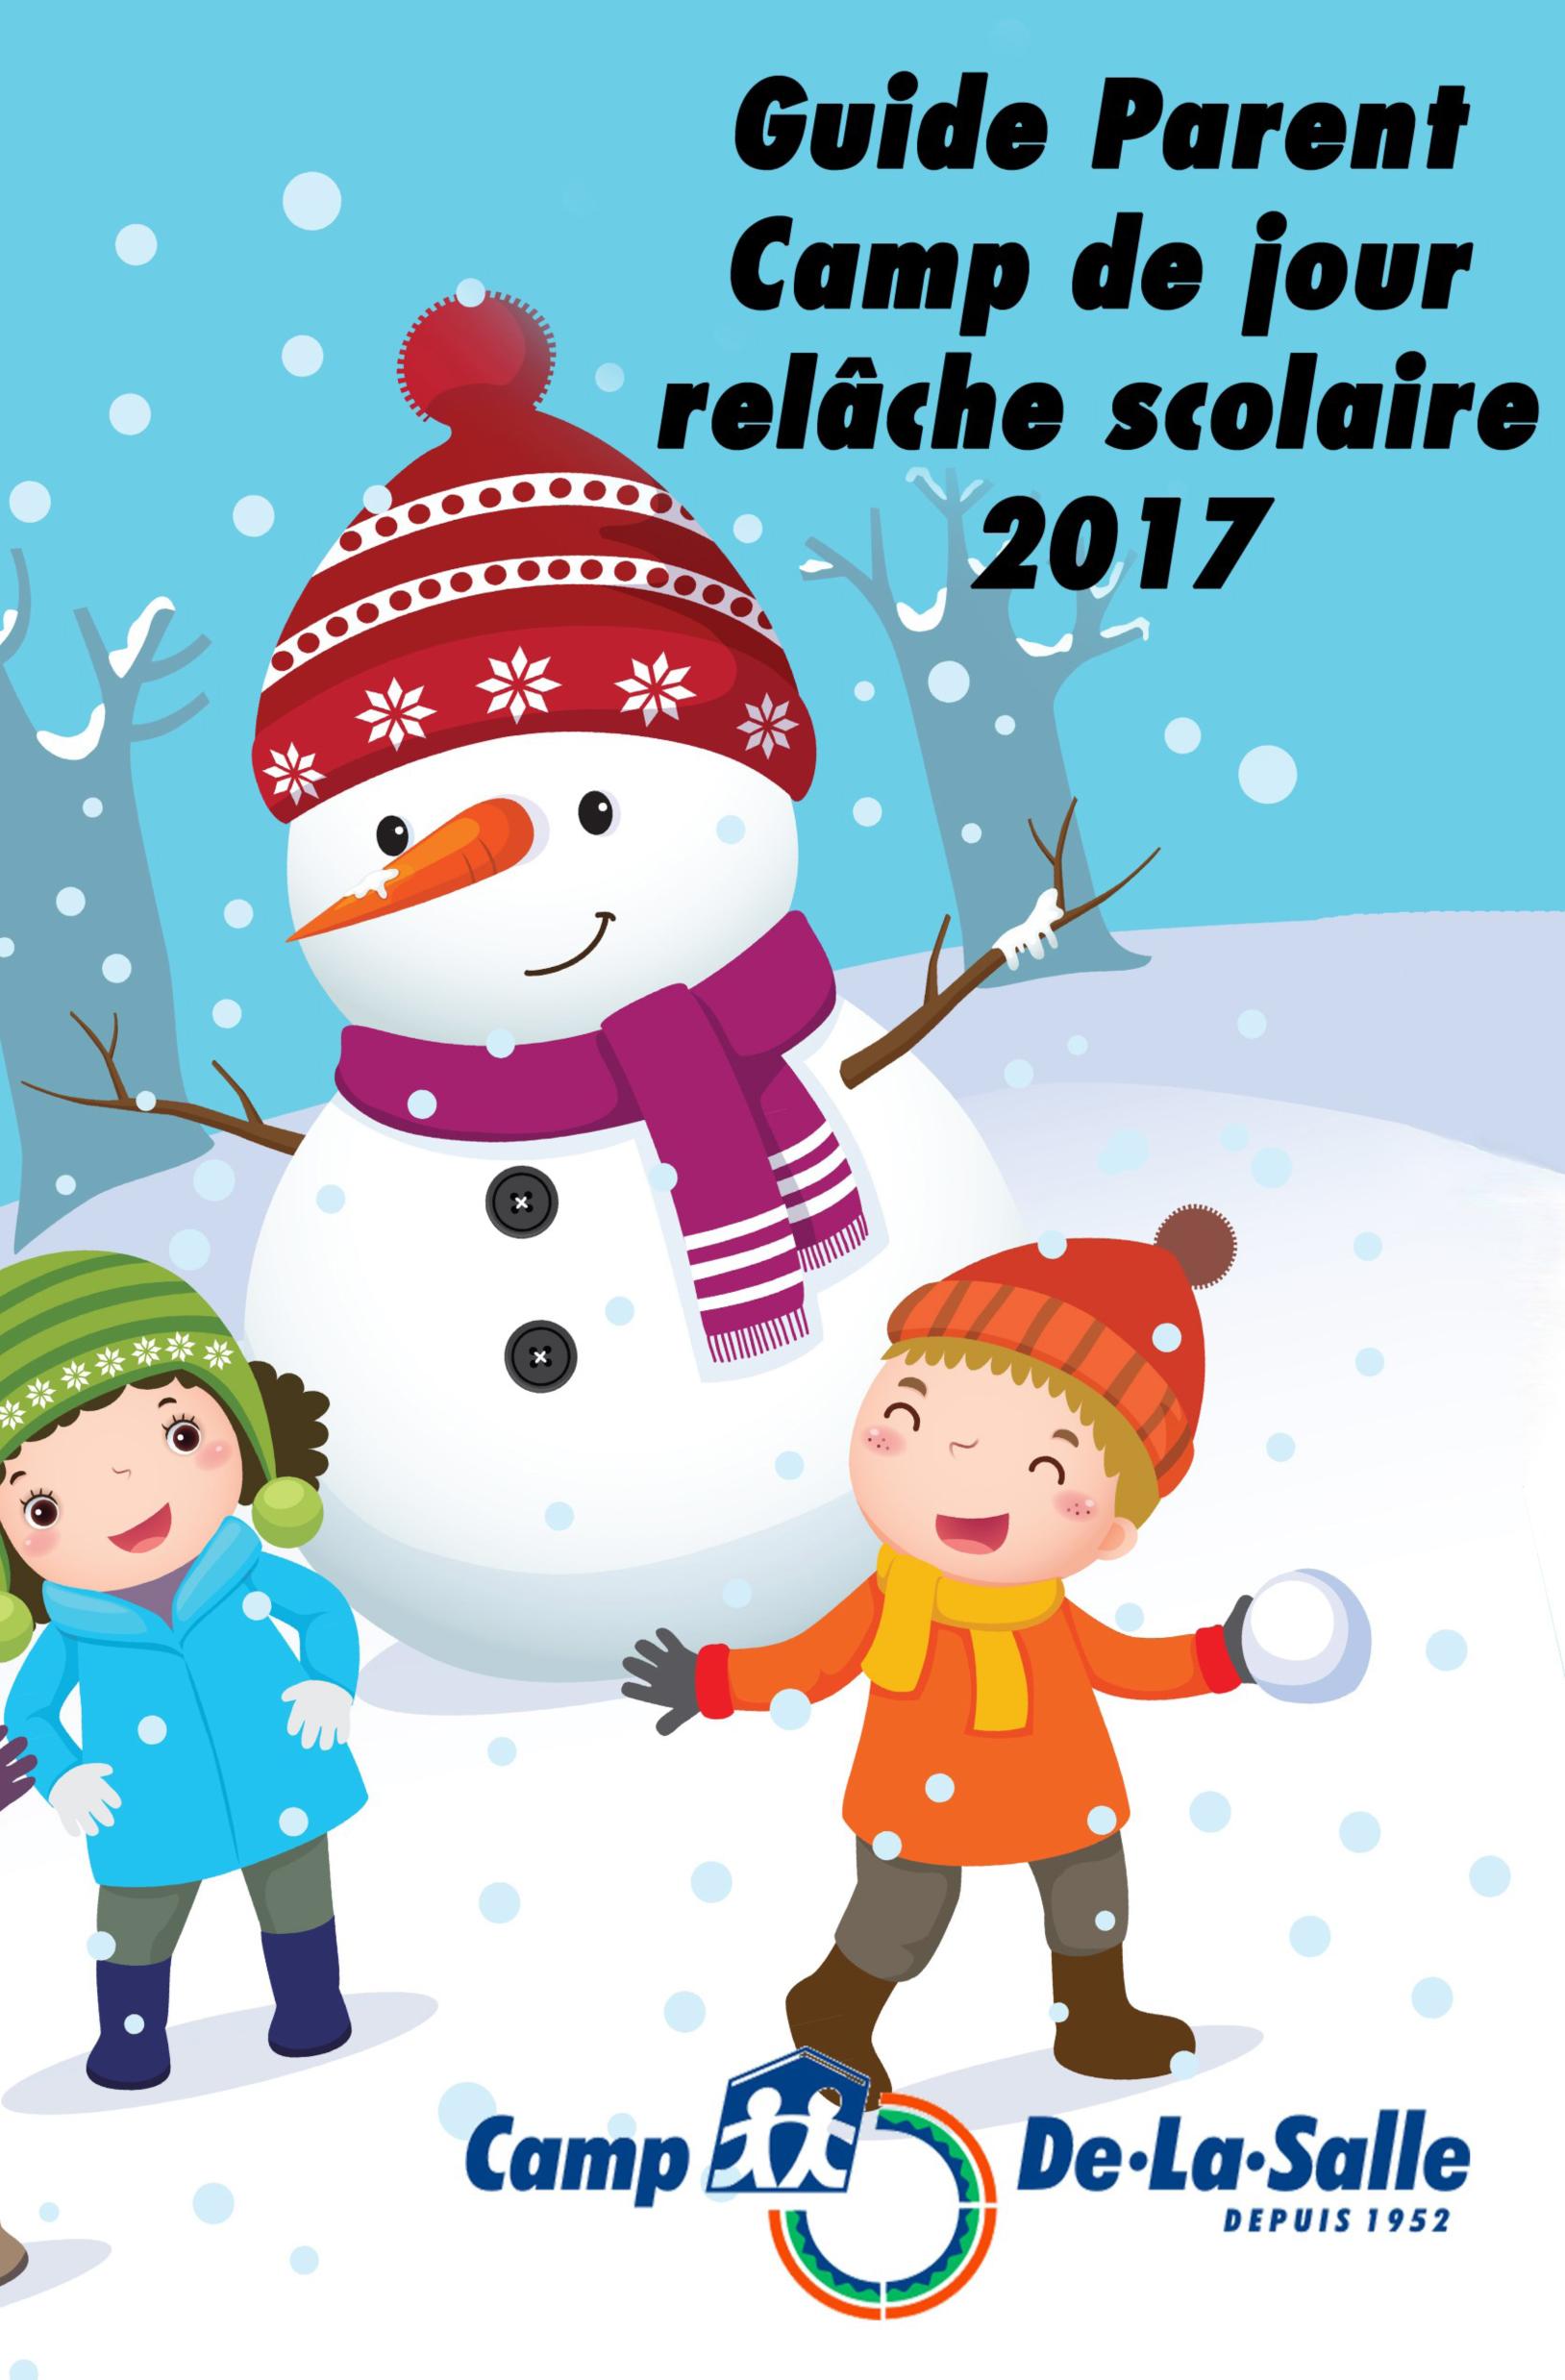 petit guide pour les parents relache scolaire 2017